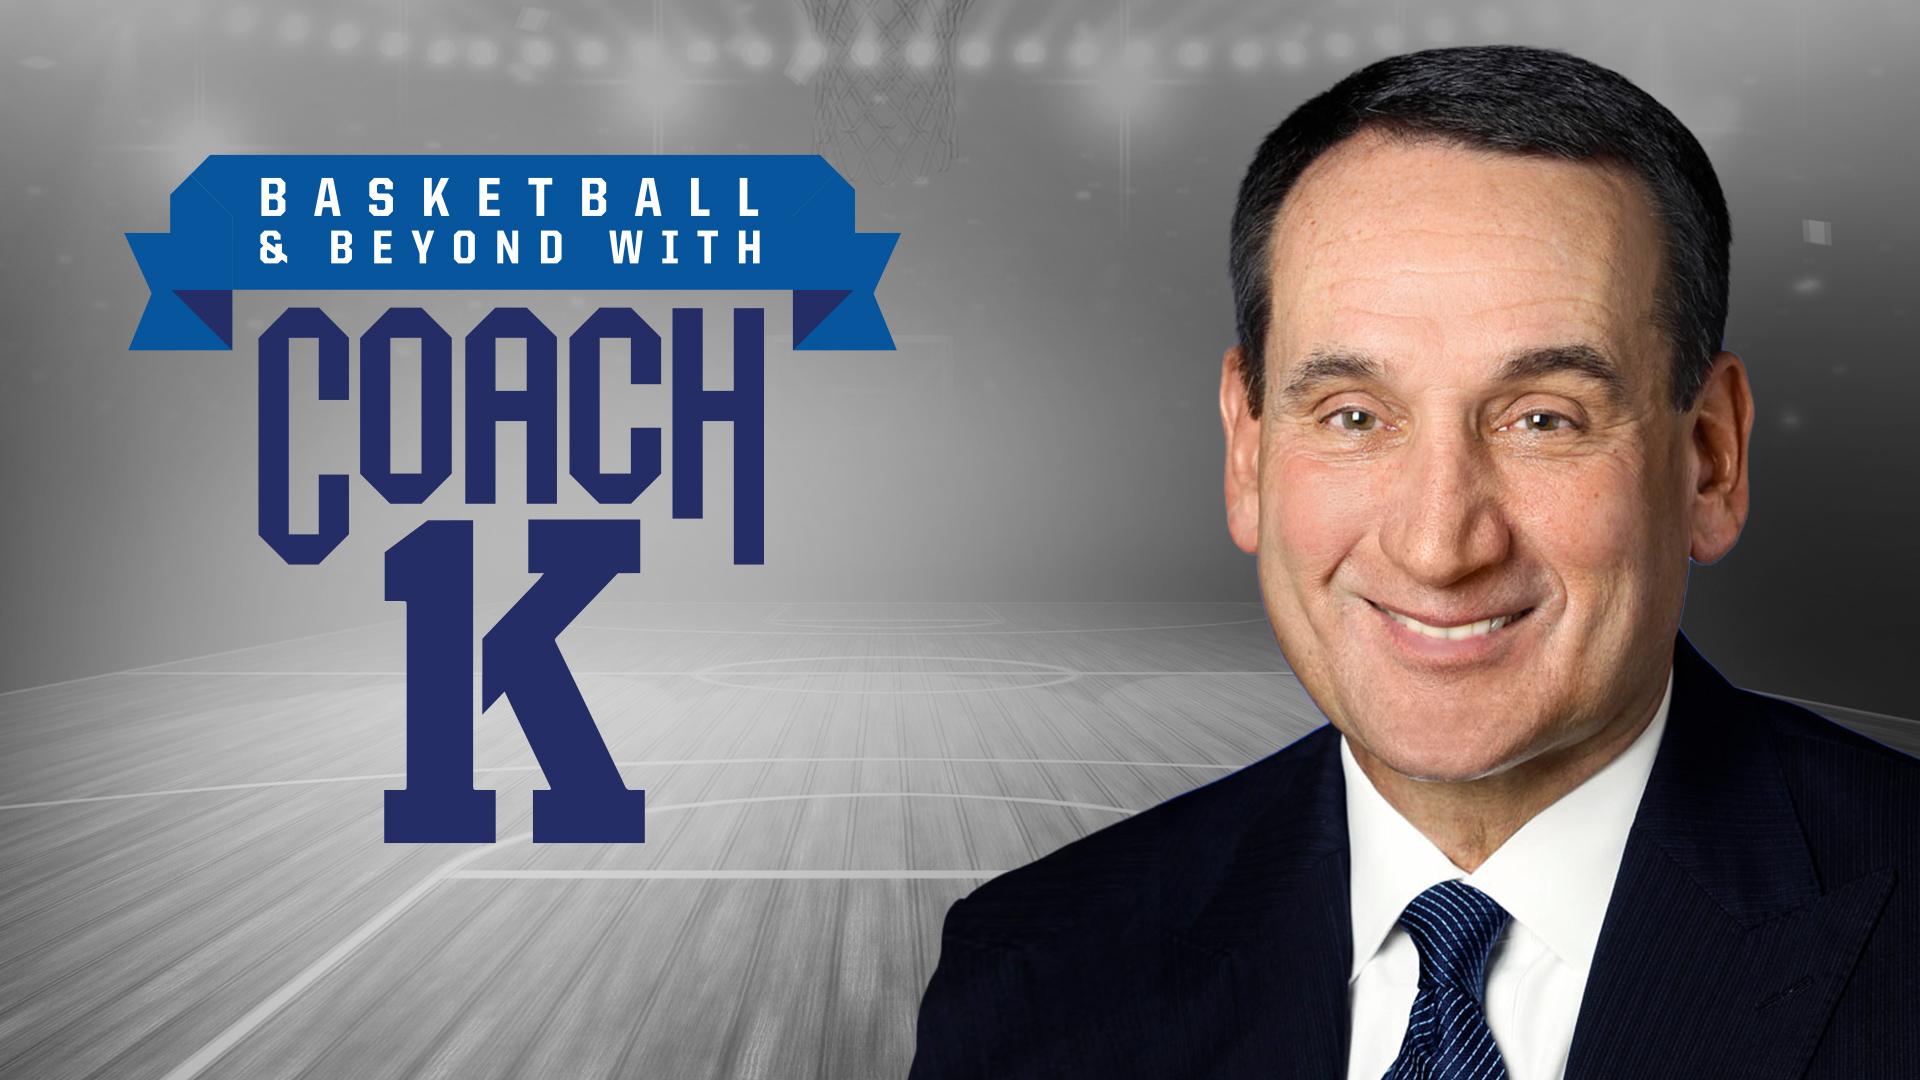 Catch Mike 'Coach K' Krzyzewski on the 17th season of 'Basketball & Beyond'